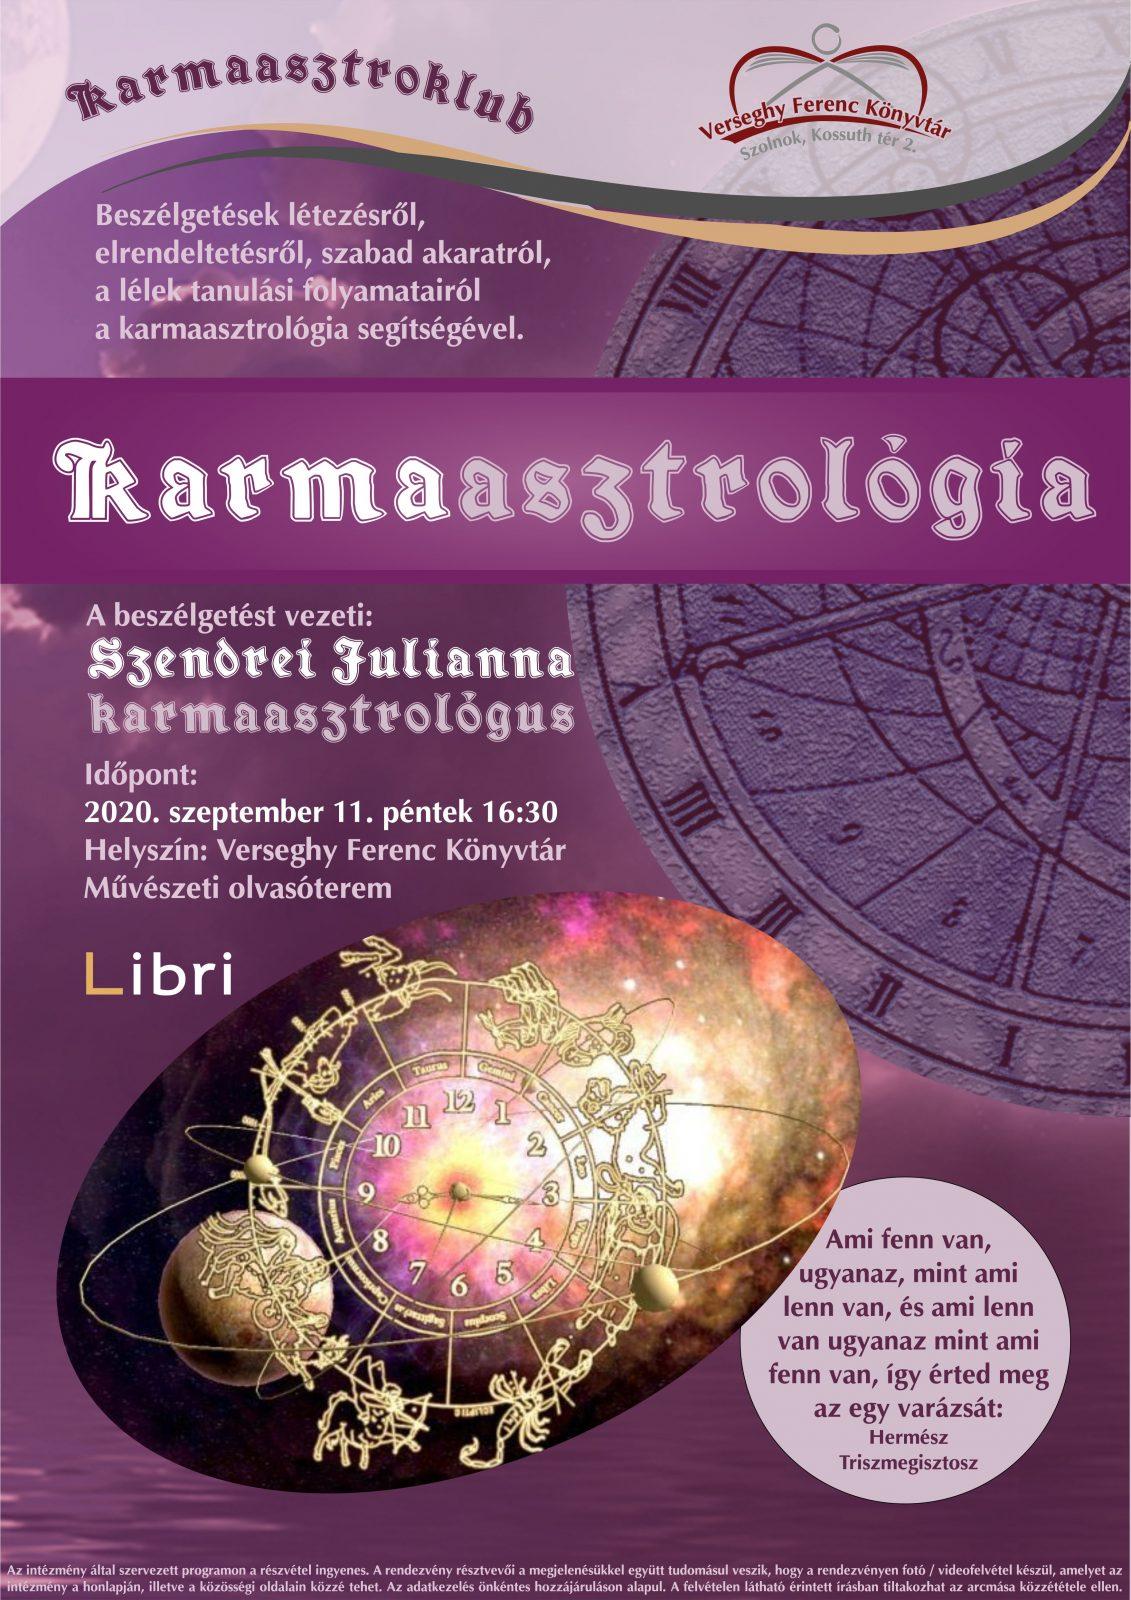 2020.09.11. Karmaasztrológia. Plakát.